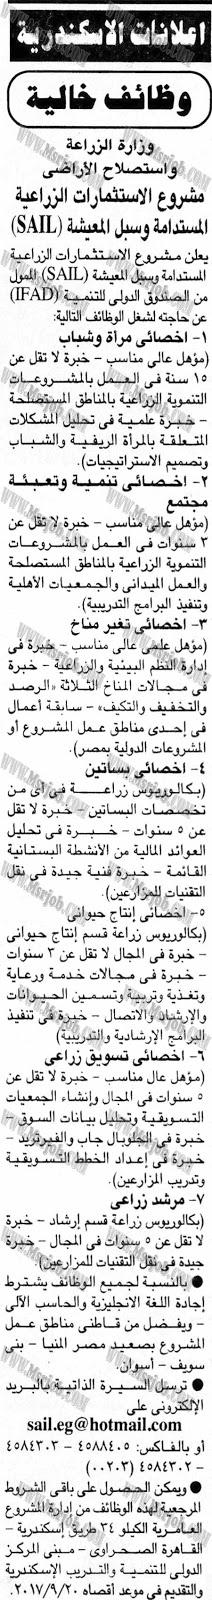 اعلان وظائف وزارة الزراعة واستصلاح الاراضى للشباب من الجنسين 26 / 8 / 2017